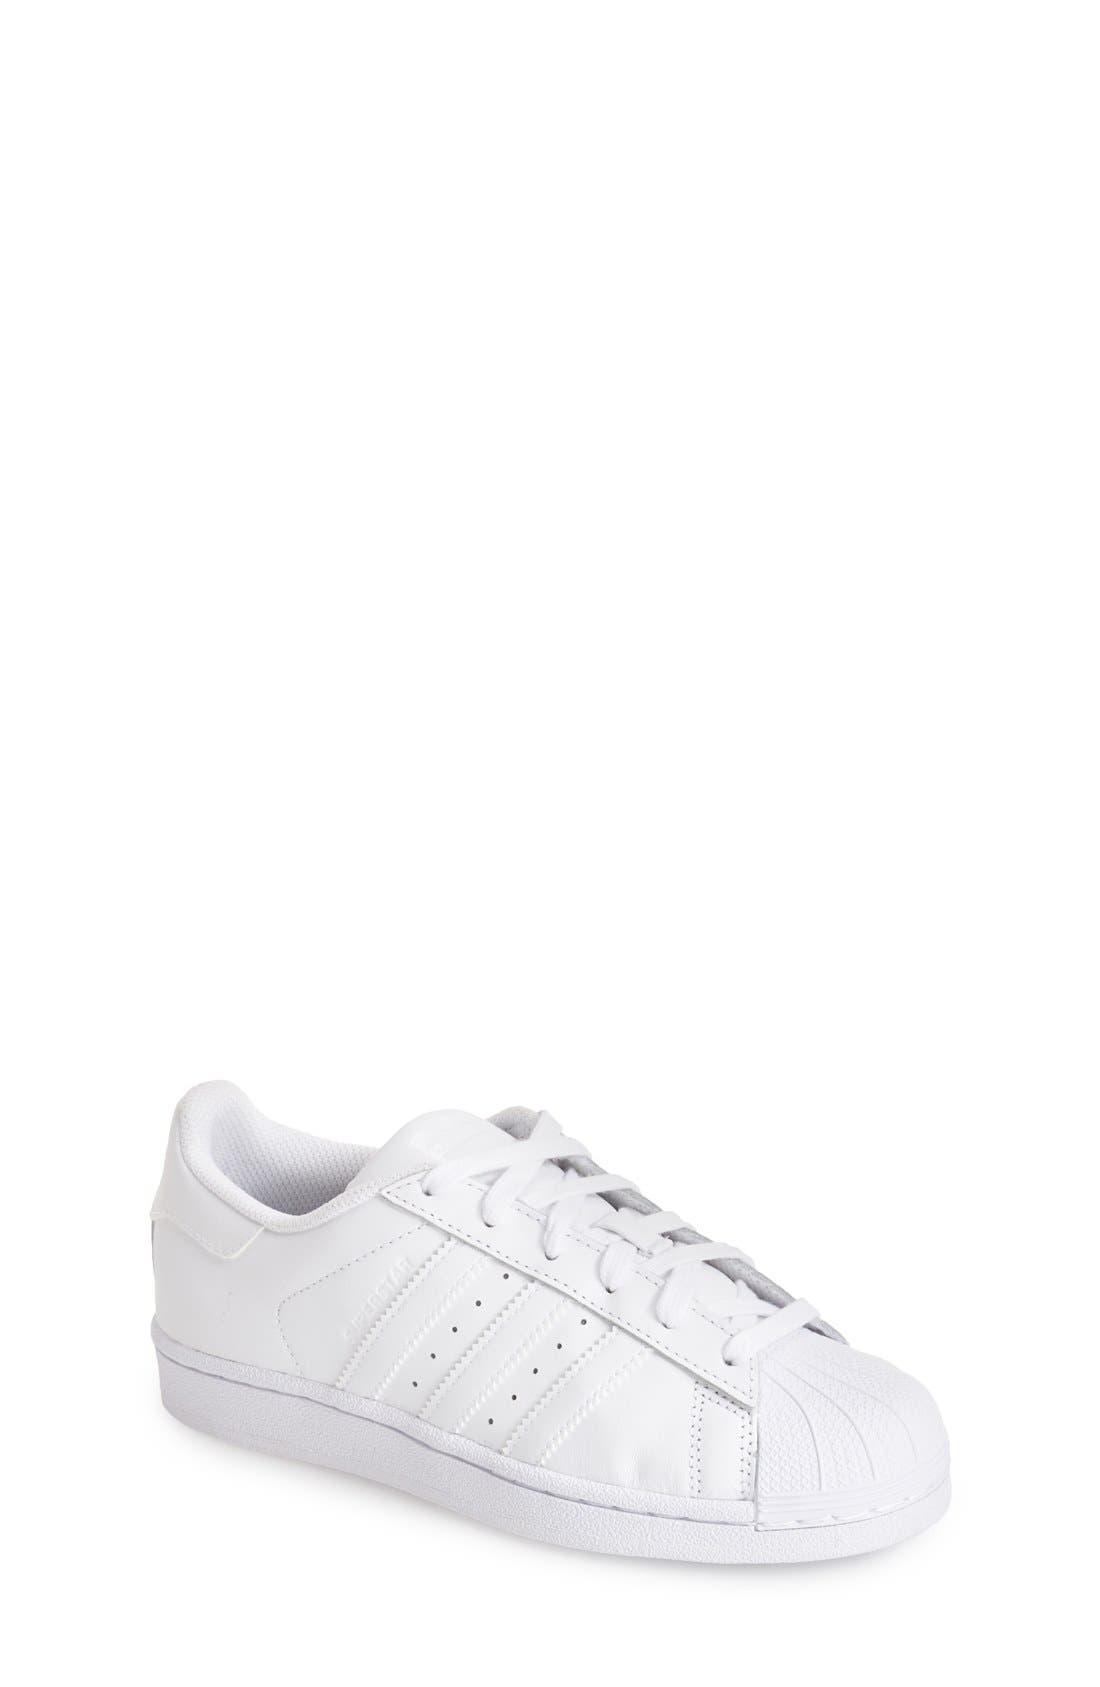 'Superstar 2' Sneaker,                             Main thumbnail 1, color,                             White/ White